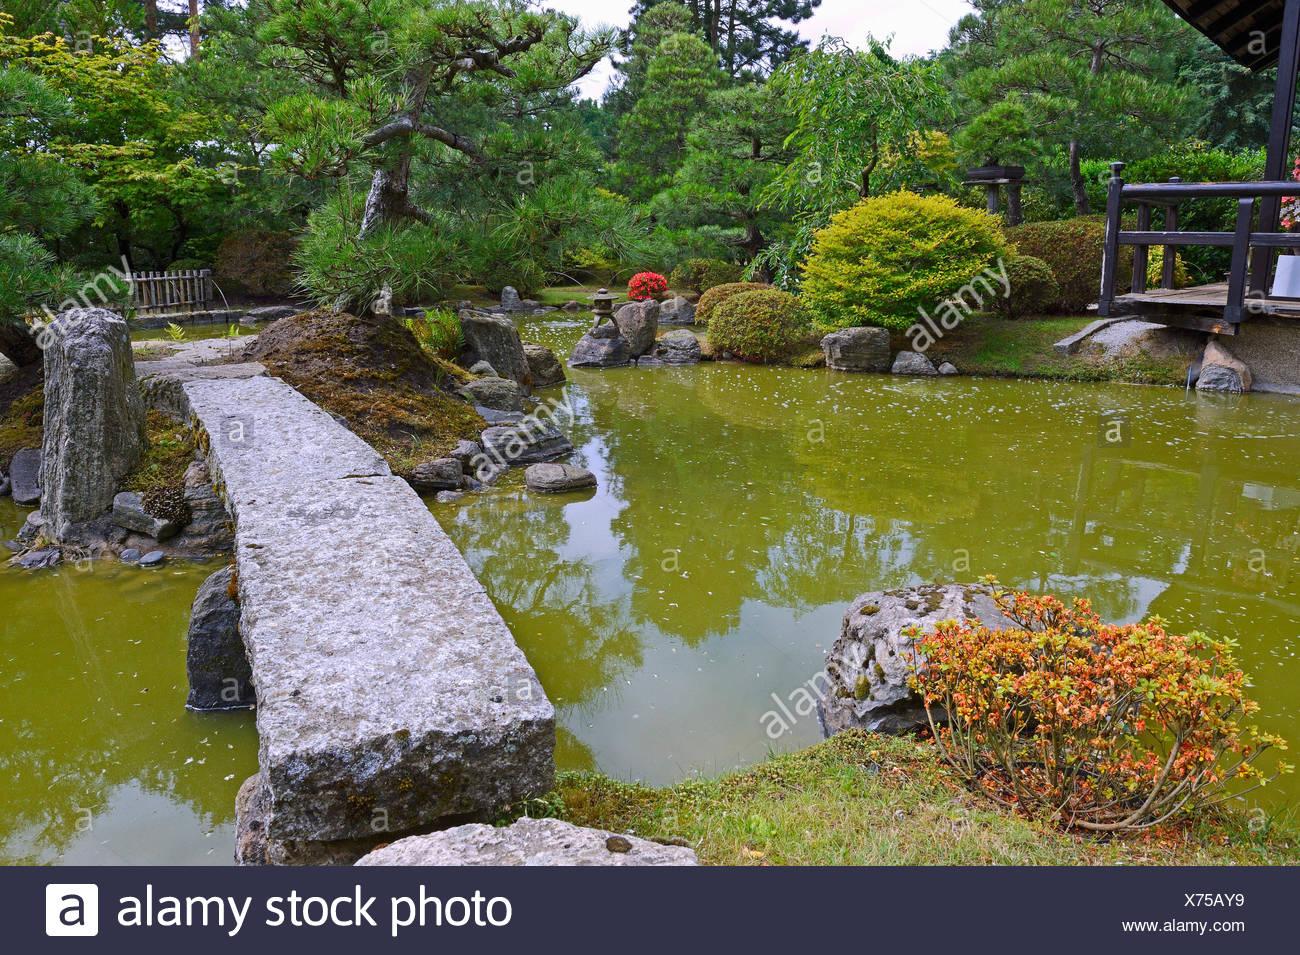 Typischer Gartenlandschaft Garten Mit Steindekorationen Und Koiteich |  Typisch Japanische Garten Mit Stein Dekoration Und Koi